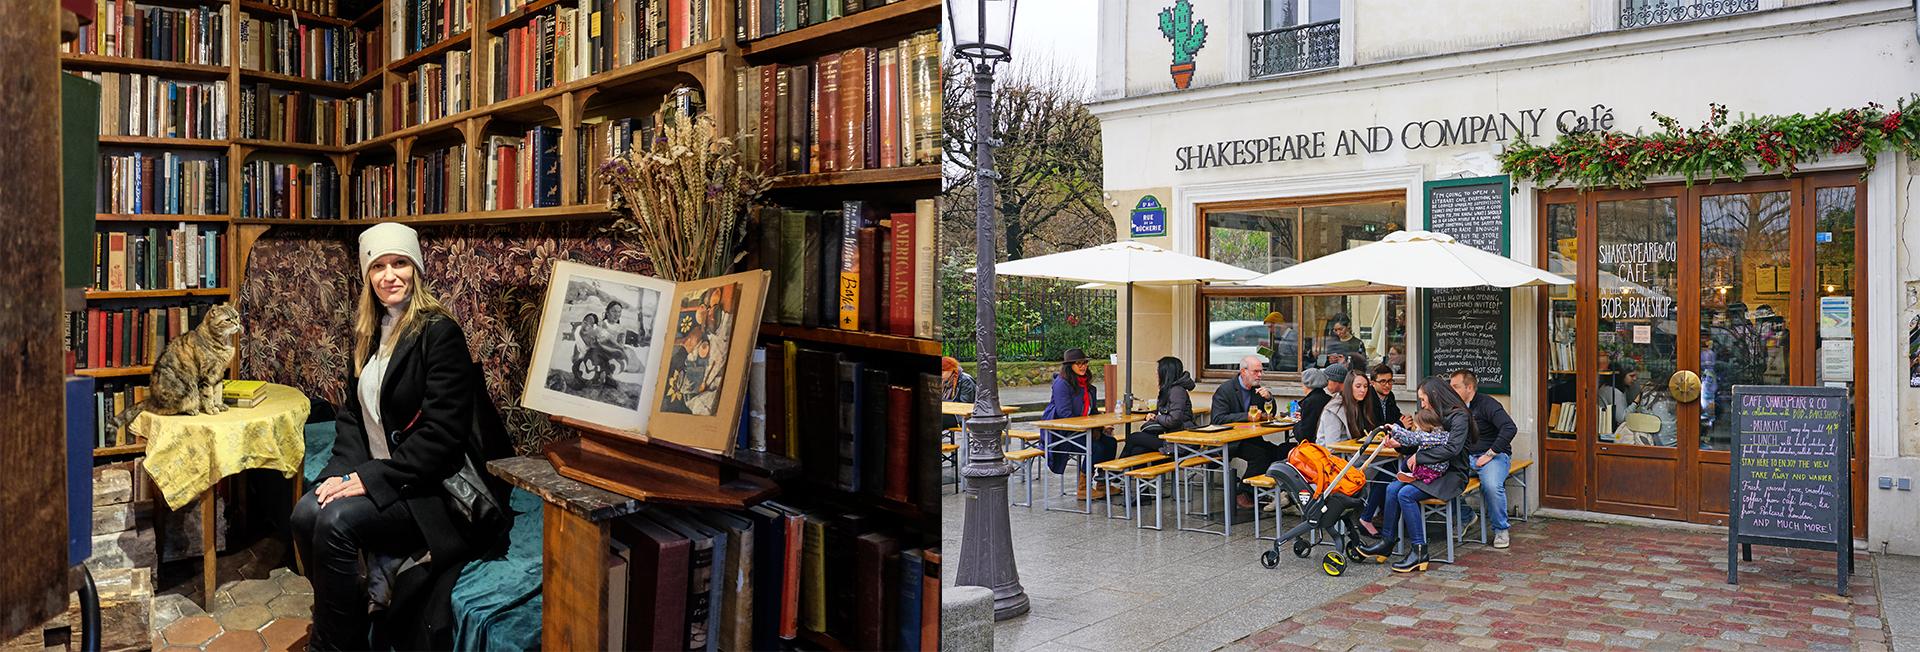 El interior de la librería y el café homónimo (Shutterstock)